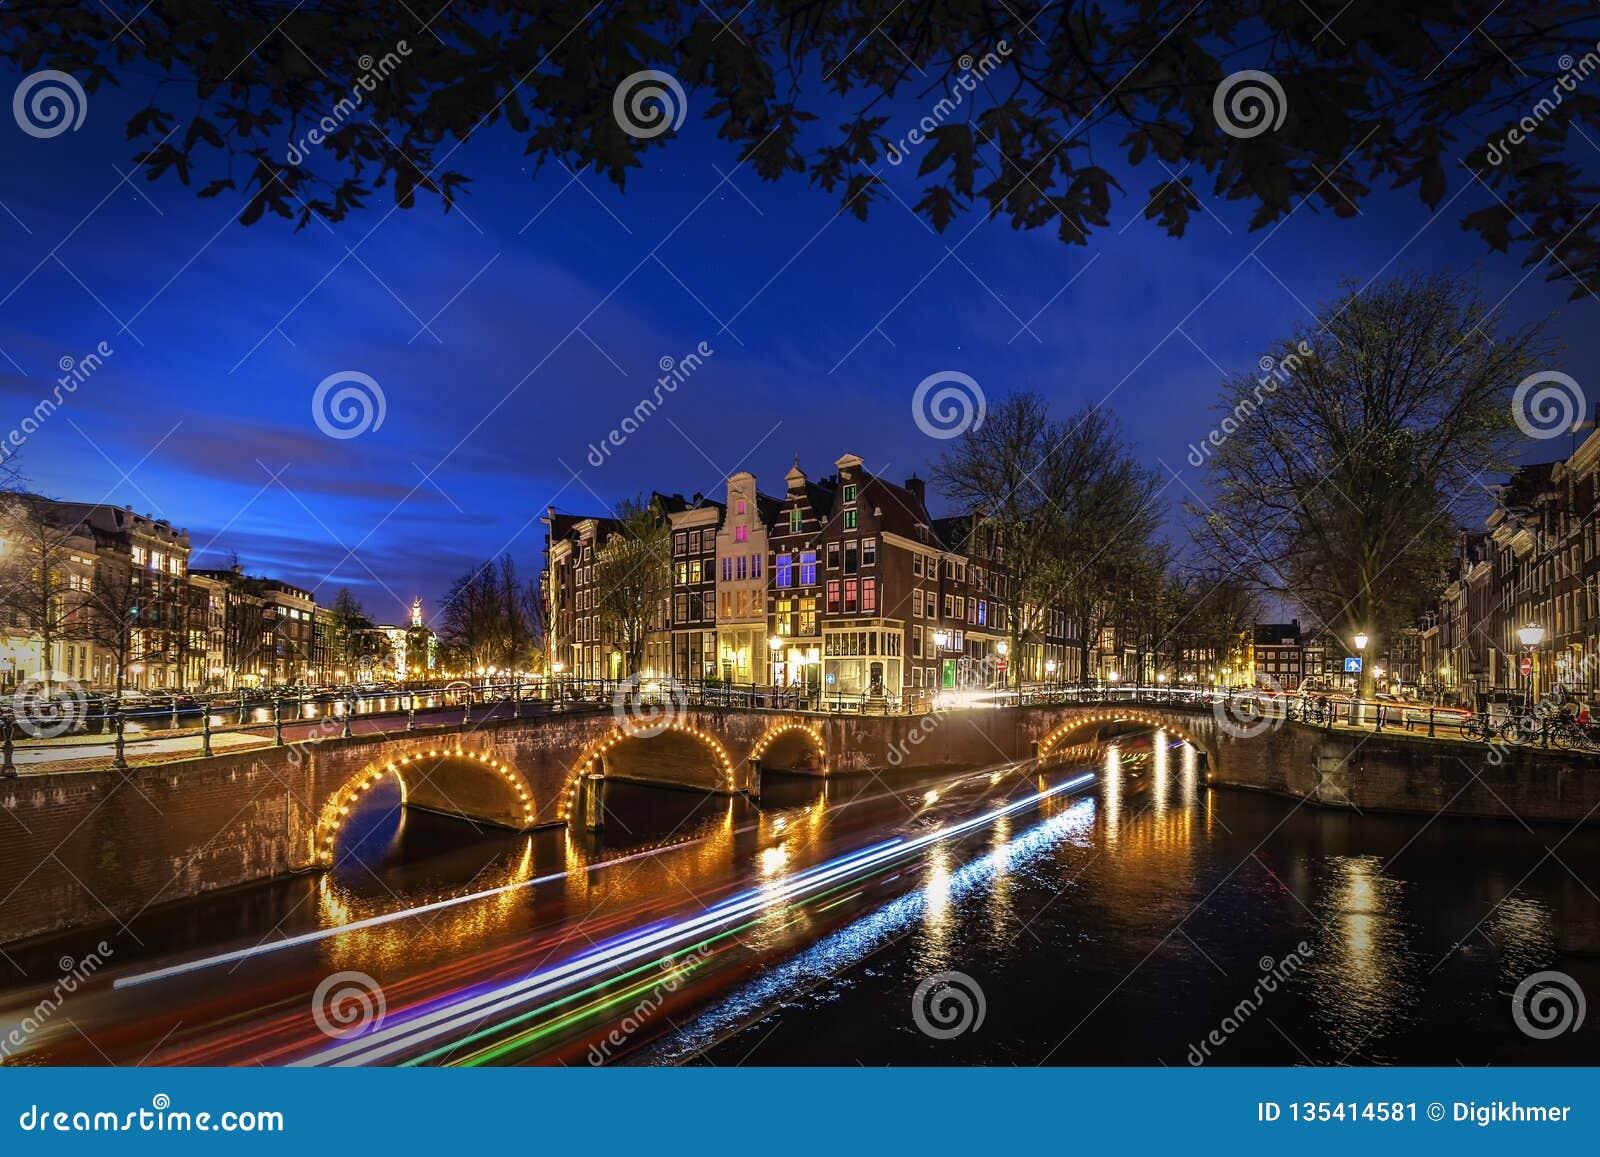 Amsterdams Kanal nachts